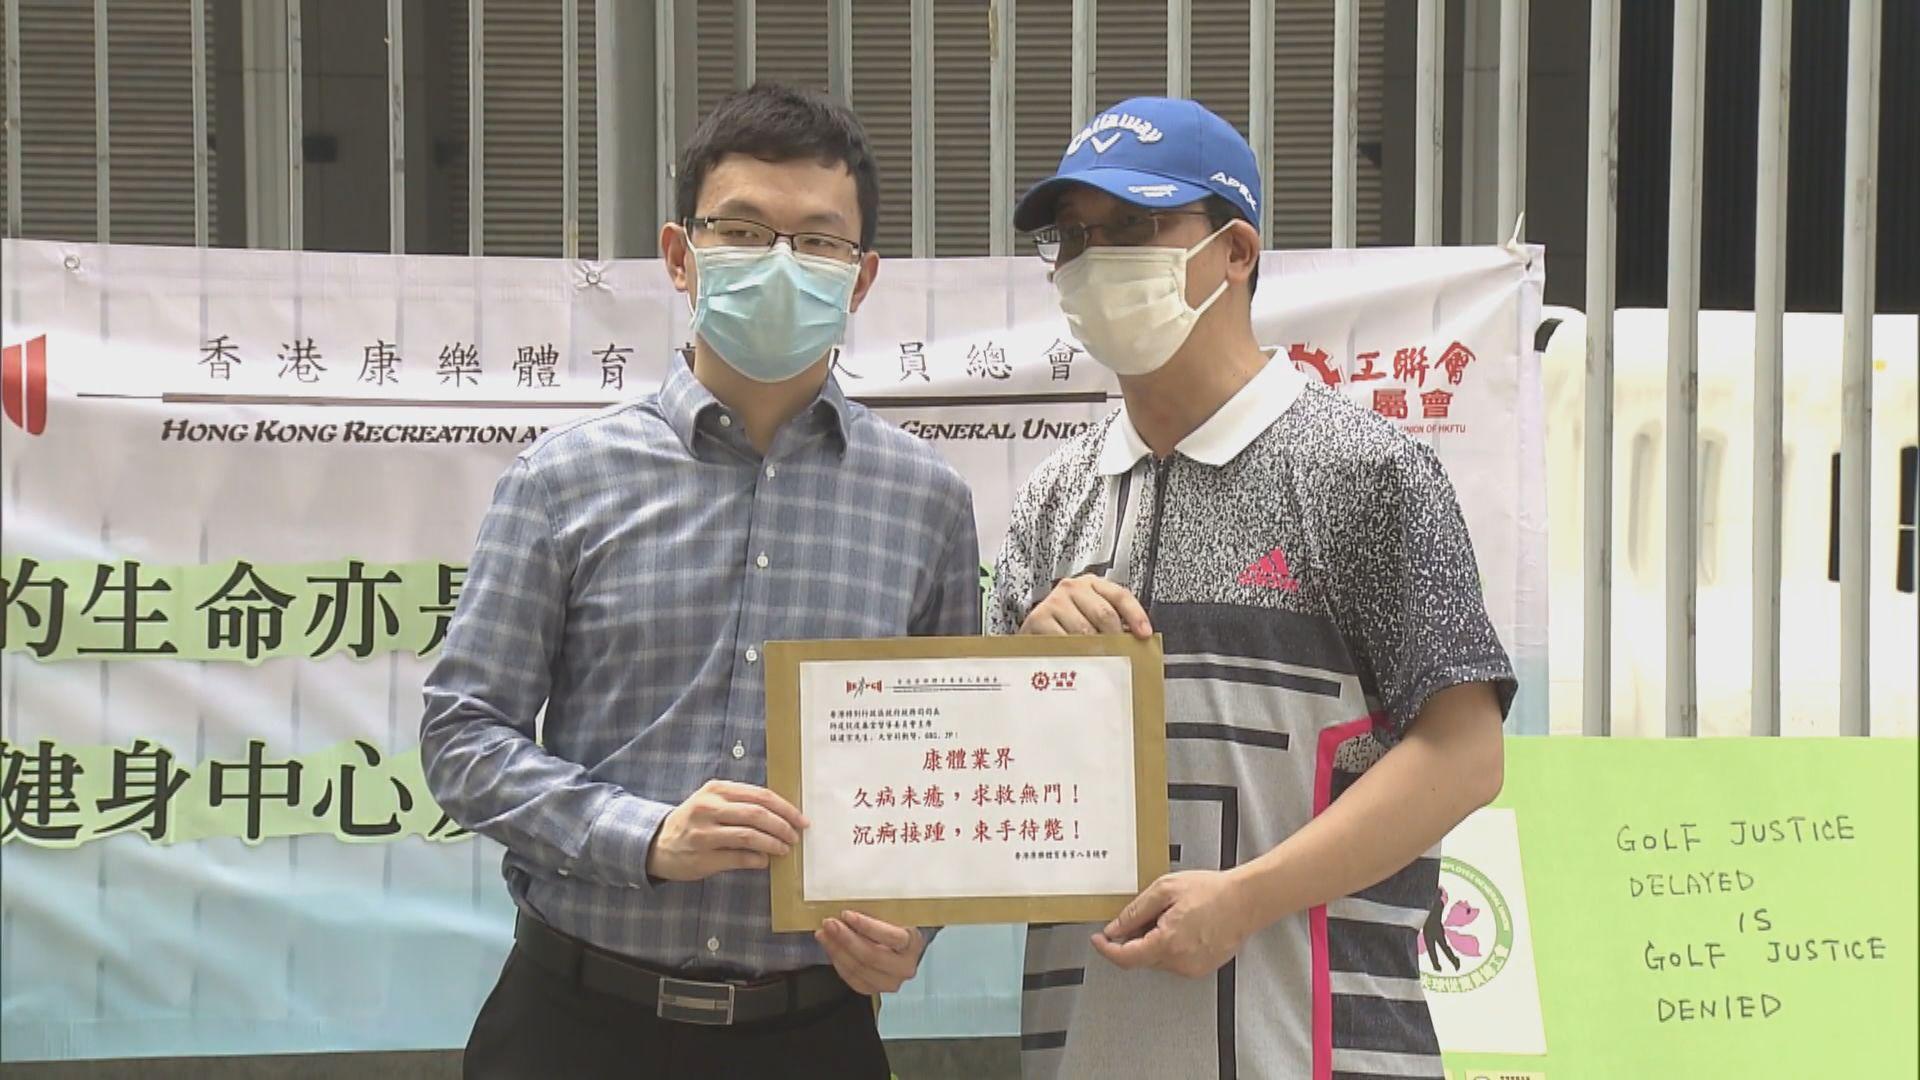 康體人員協會促政府撥款支援業界